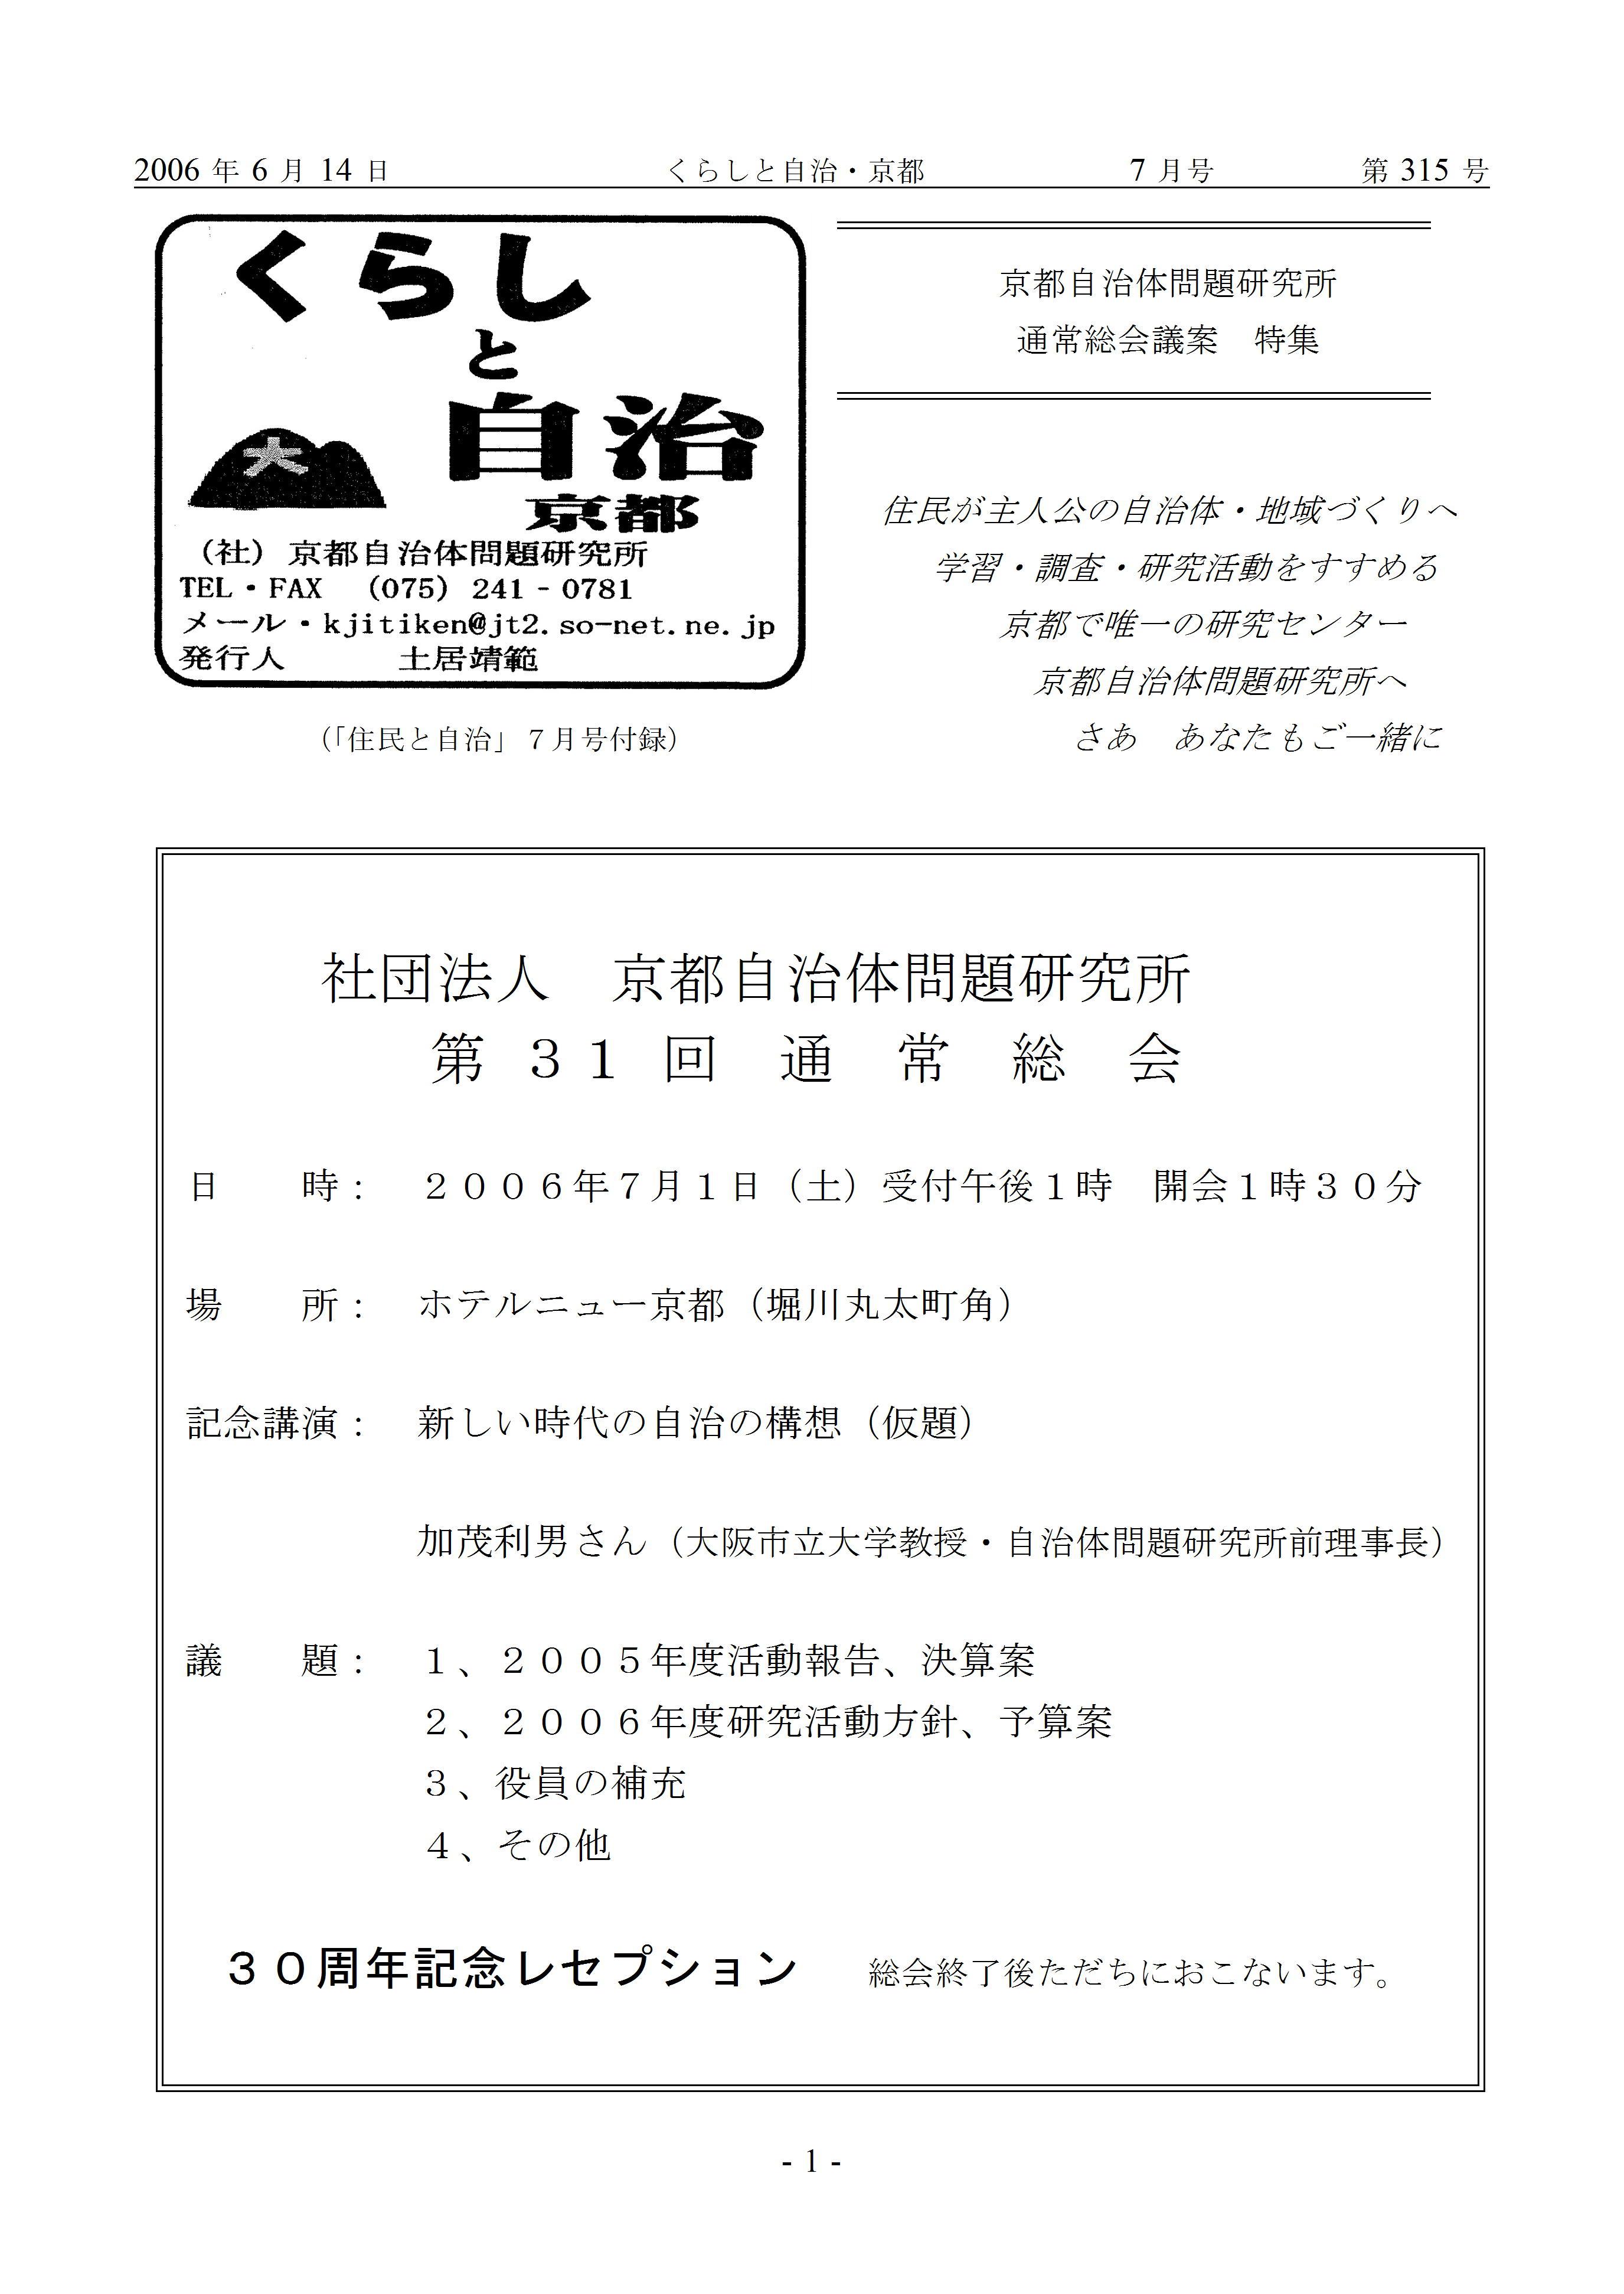 月報「くらしと自治・京都」2006年07月号 第315号